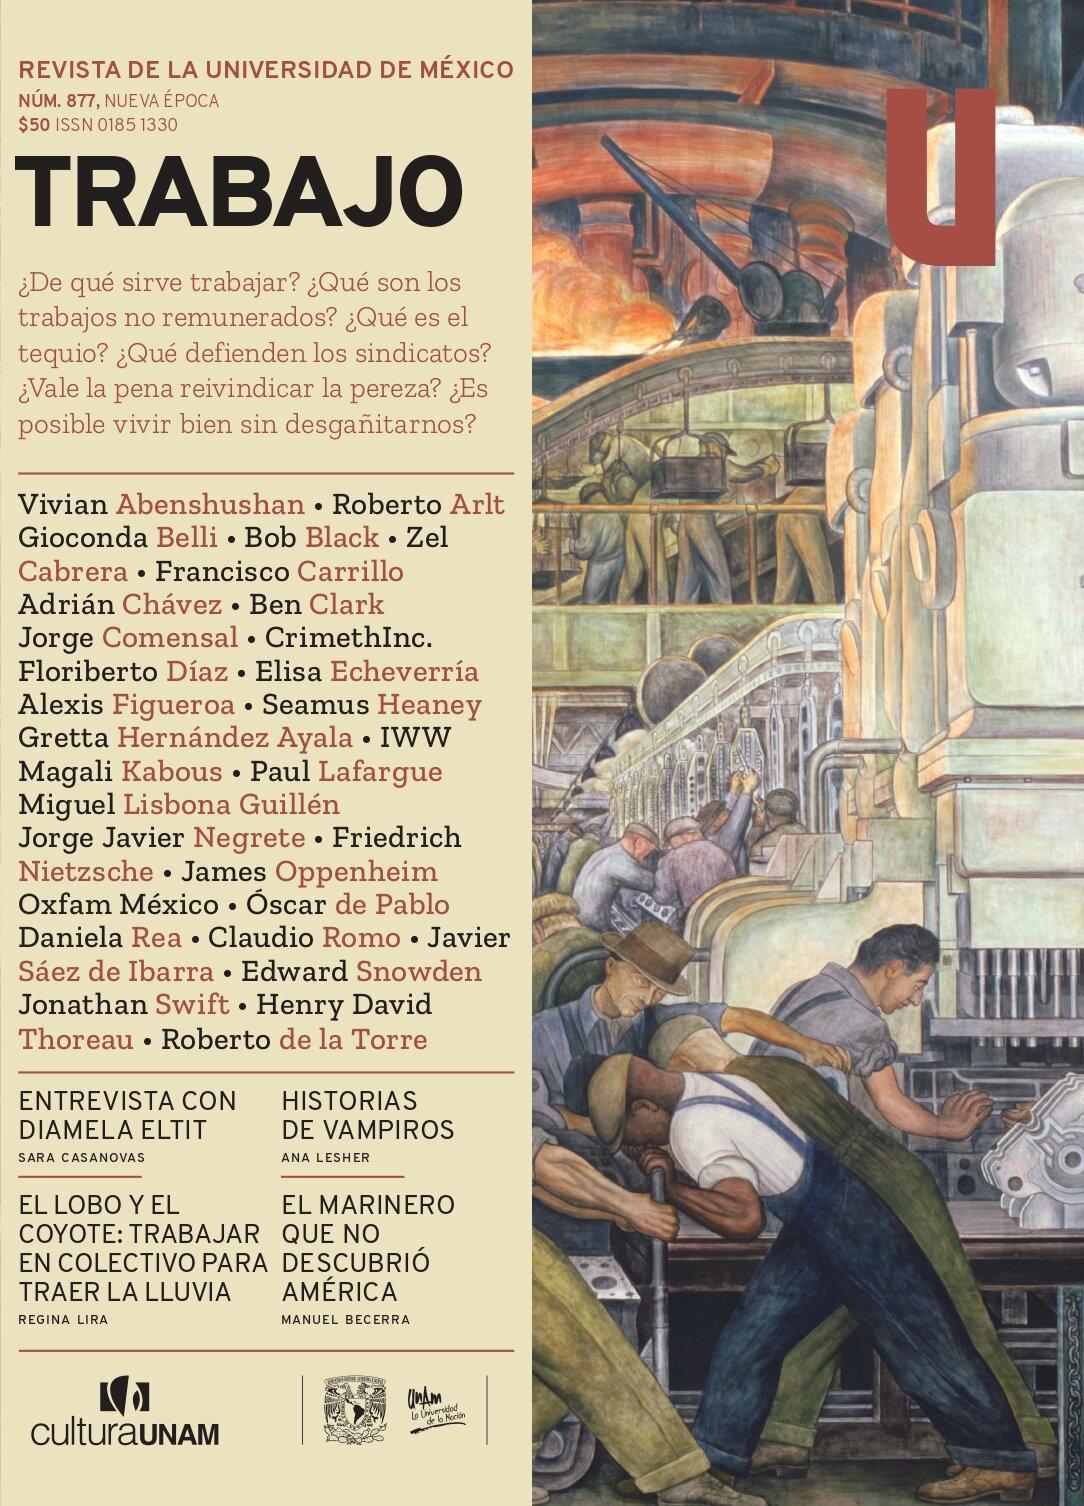 Revista de la Universidad de México, núm. 877, Nueva época, octubre 2021. Trabajo